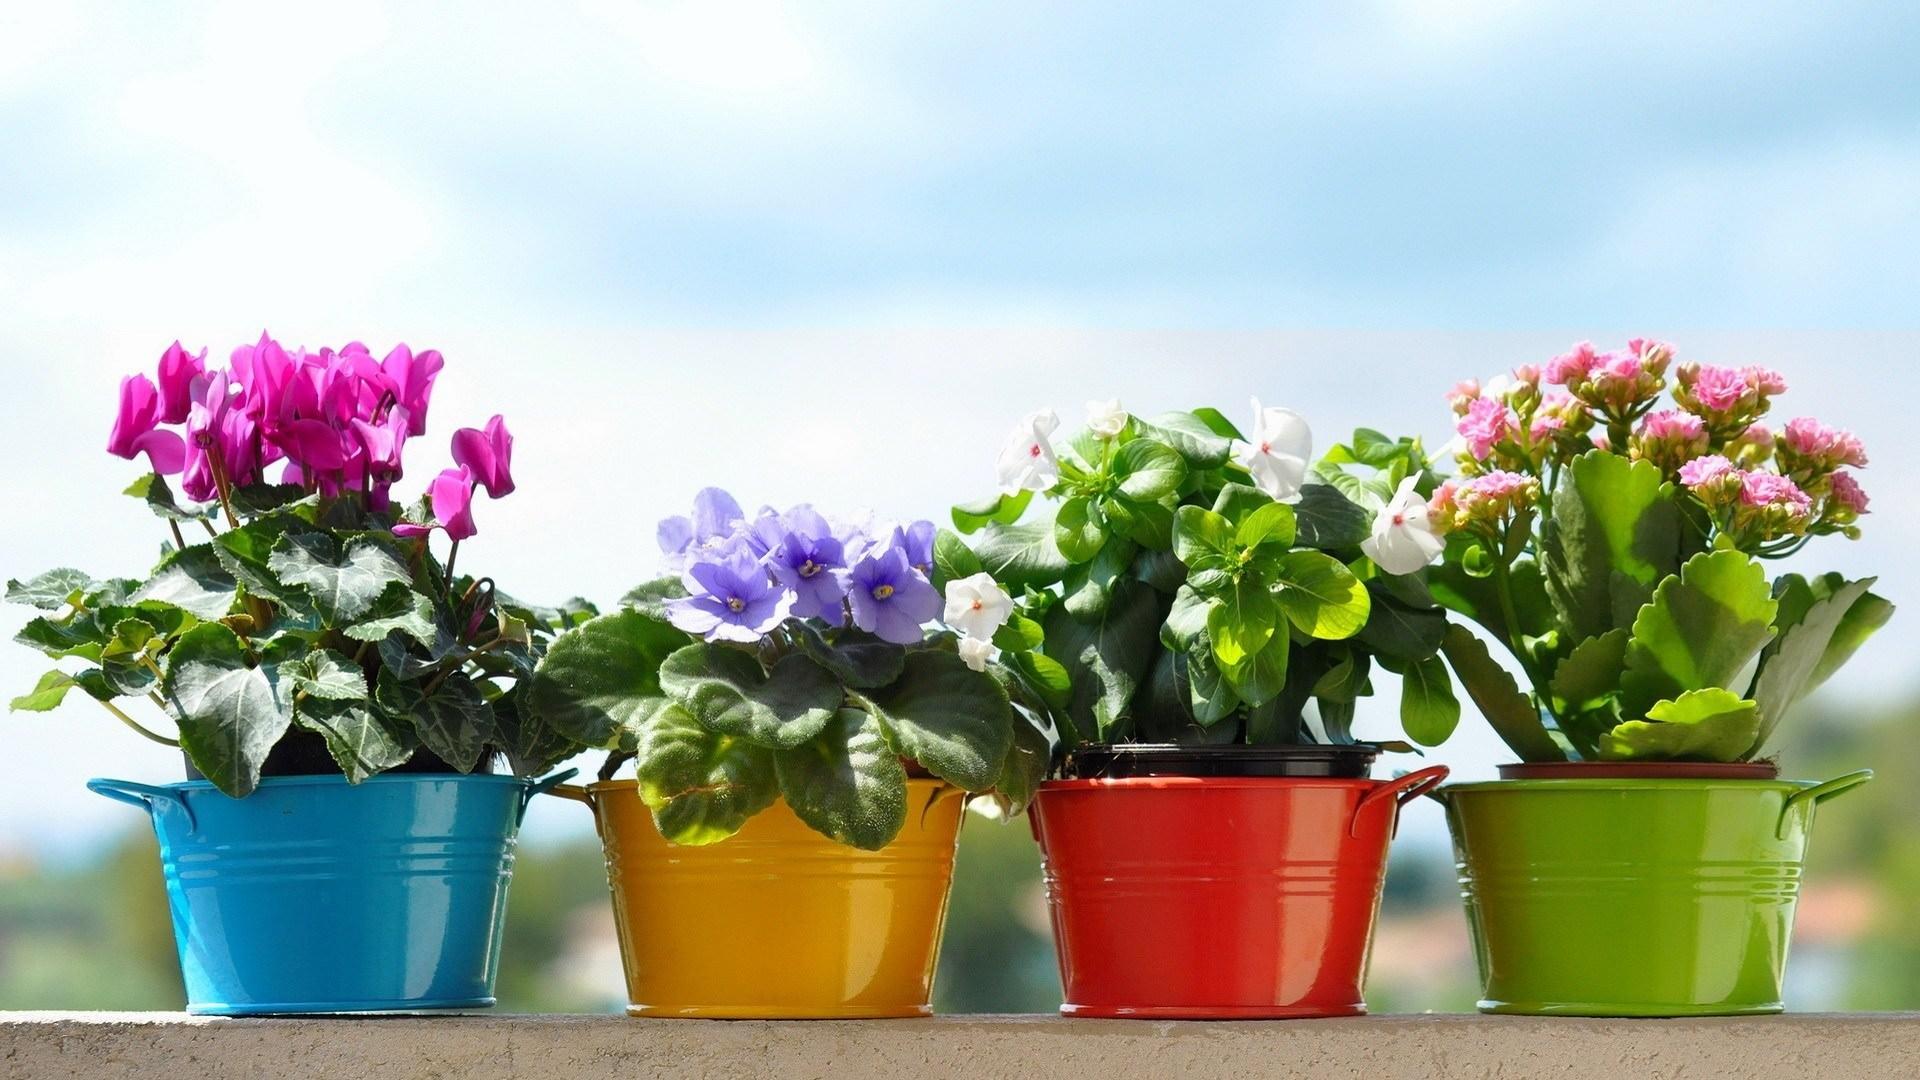 цветы а горшках